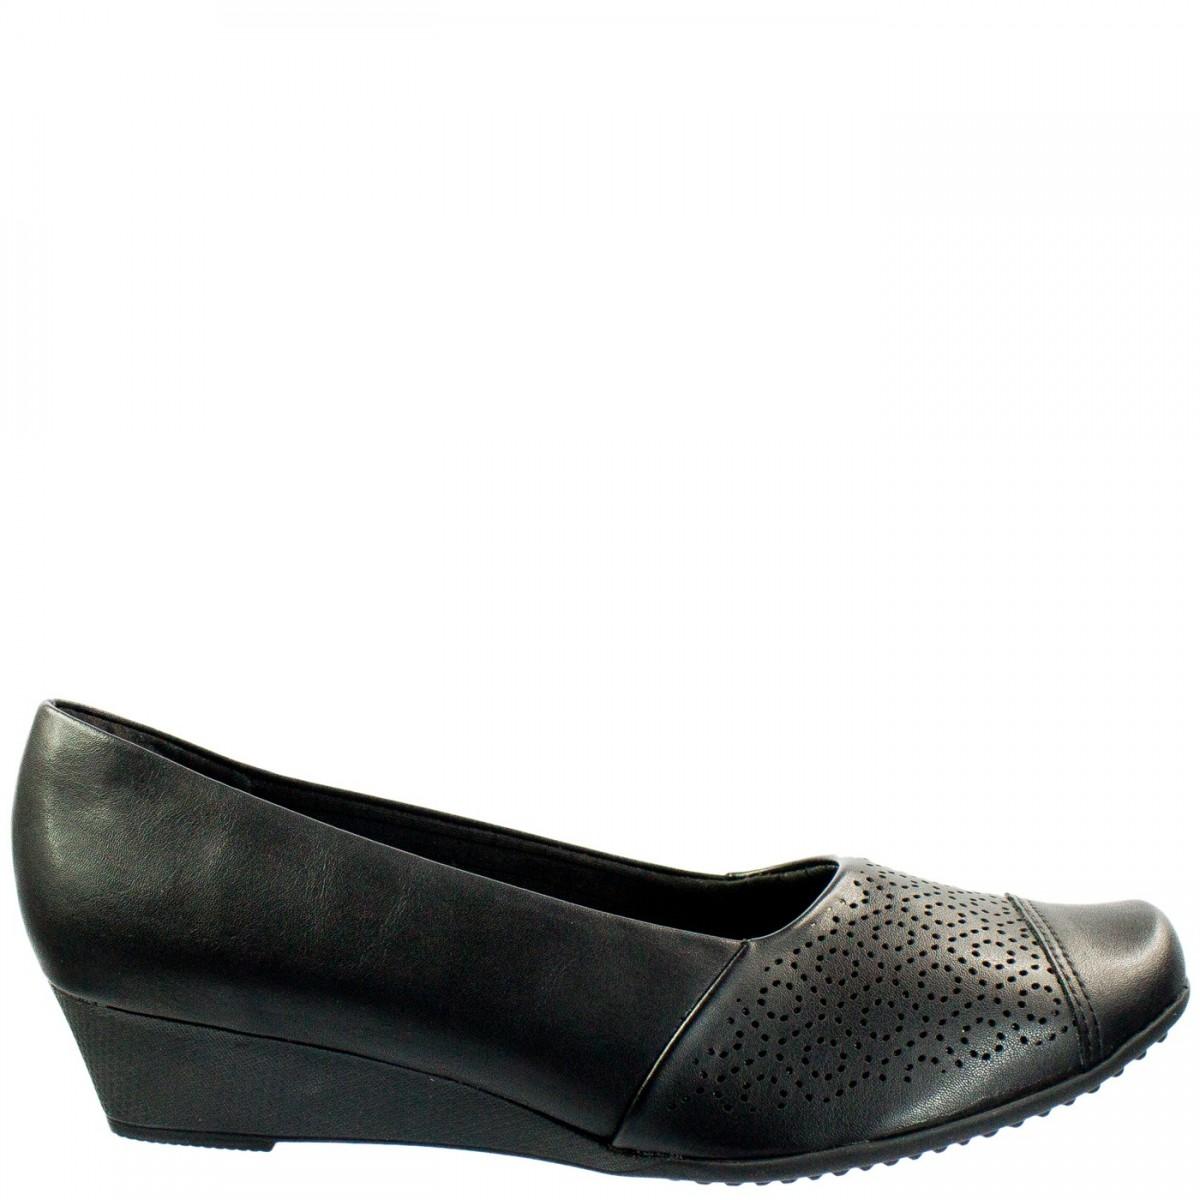 31f859580 Bizz Store - Sapato Feminino Piccadilly Joanete Preto Anabela